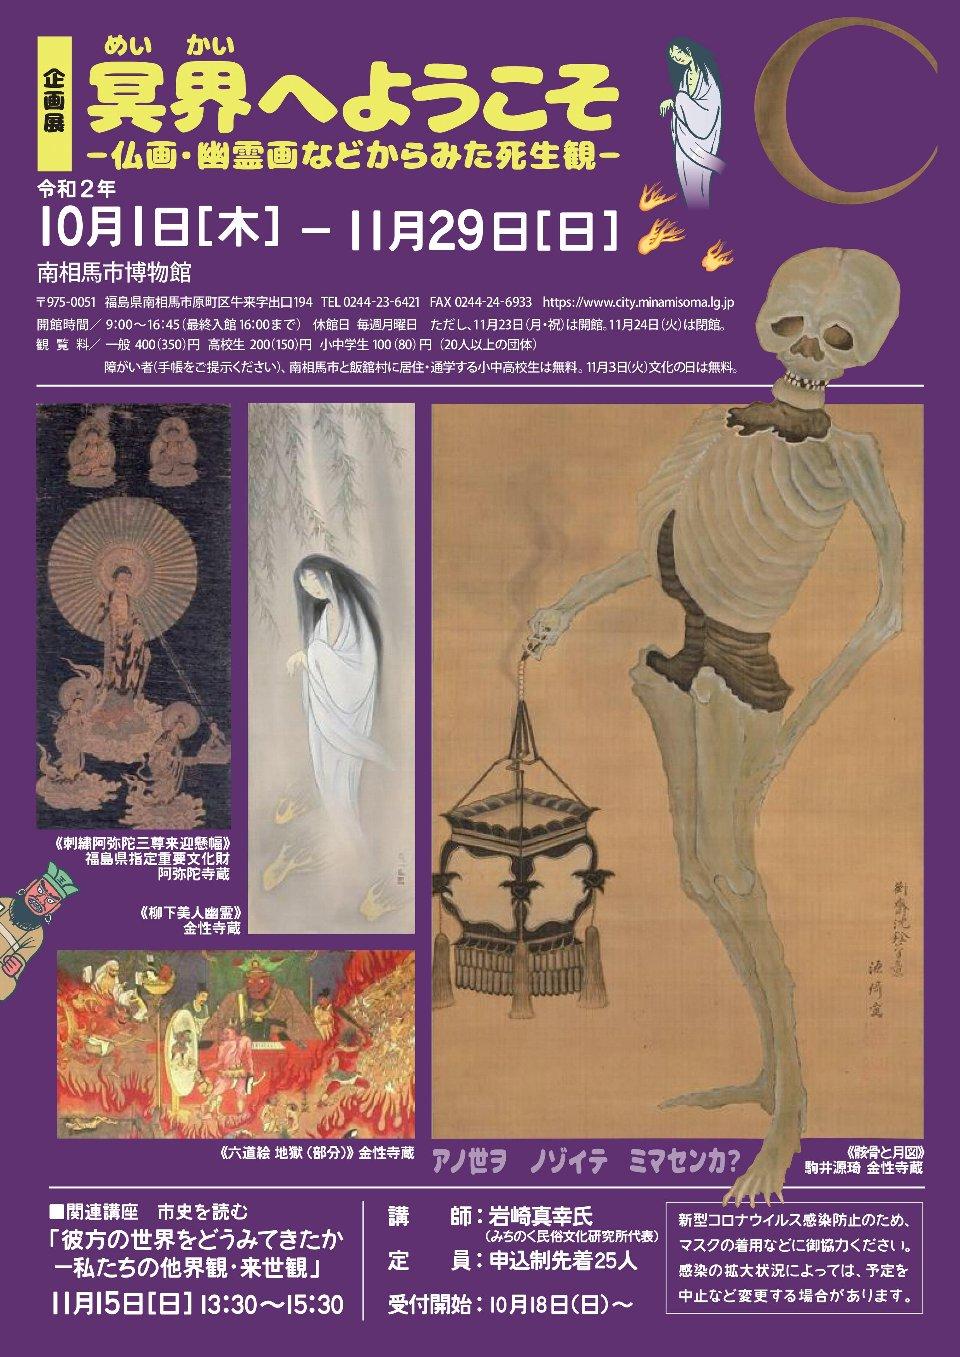 (10/1~11/29まで)【南相馬市】南相馬市博物館企画展「冥界(めいかい)へようこそ」/関連講座「彼方の世界をどうみてきたか」 @ 南相馬市博物館